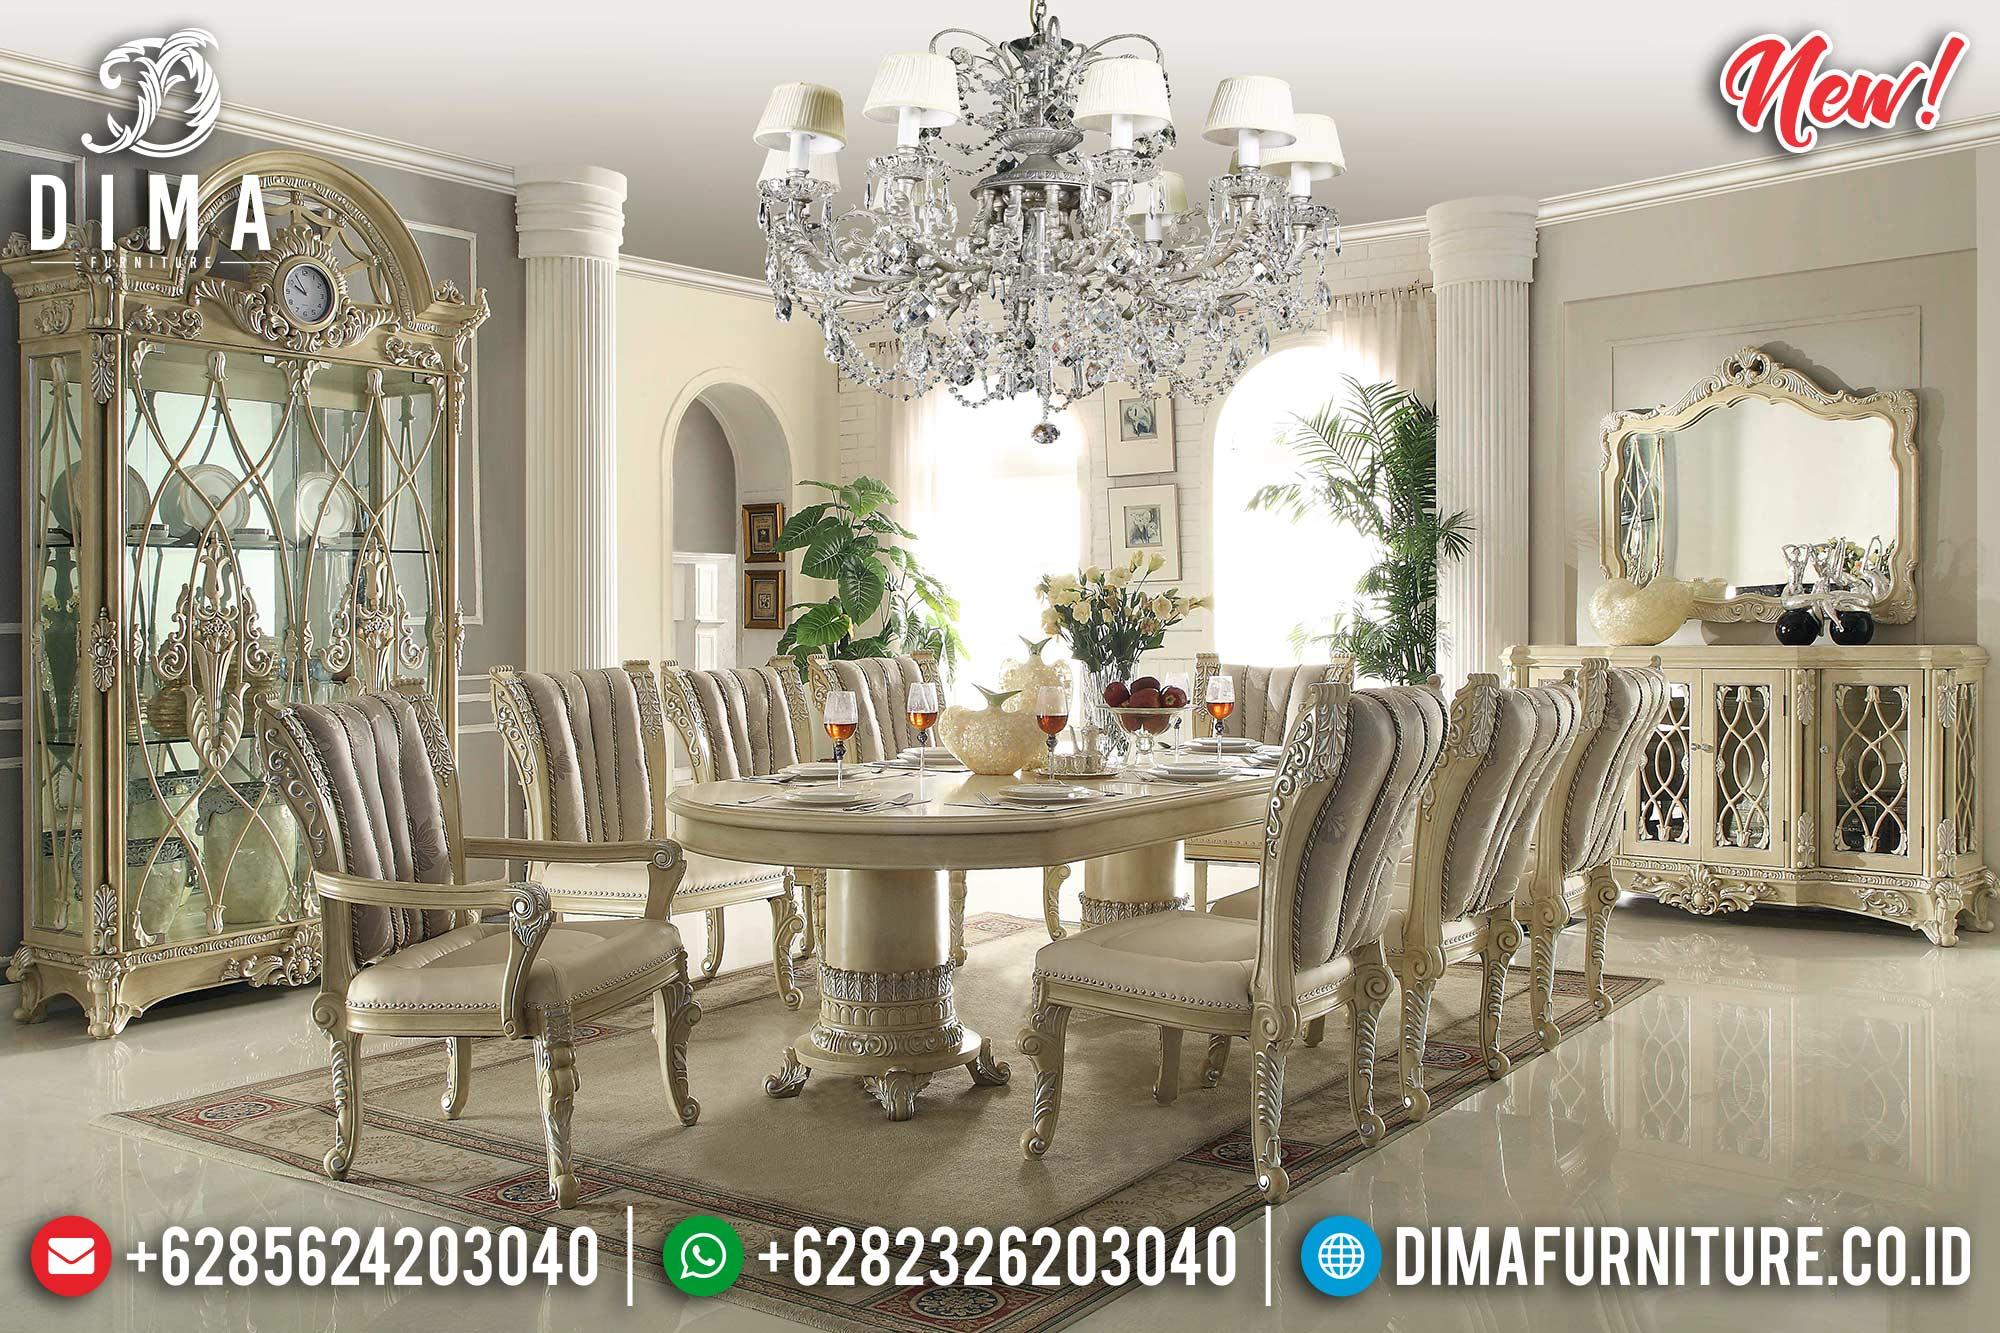 Harga Meja Makan Mewah Terbaru Luxury Carving New Design Furniture Jepara TTJ-0969